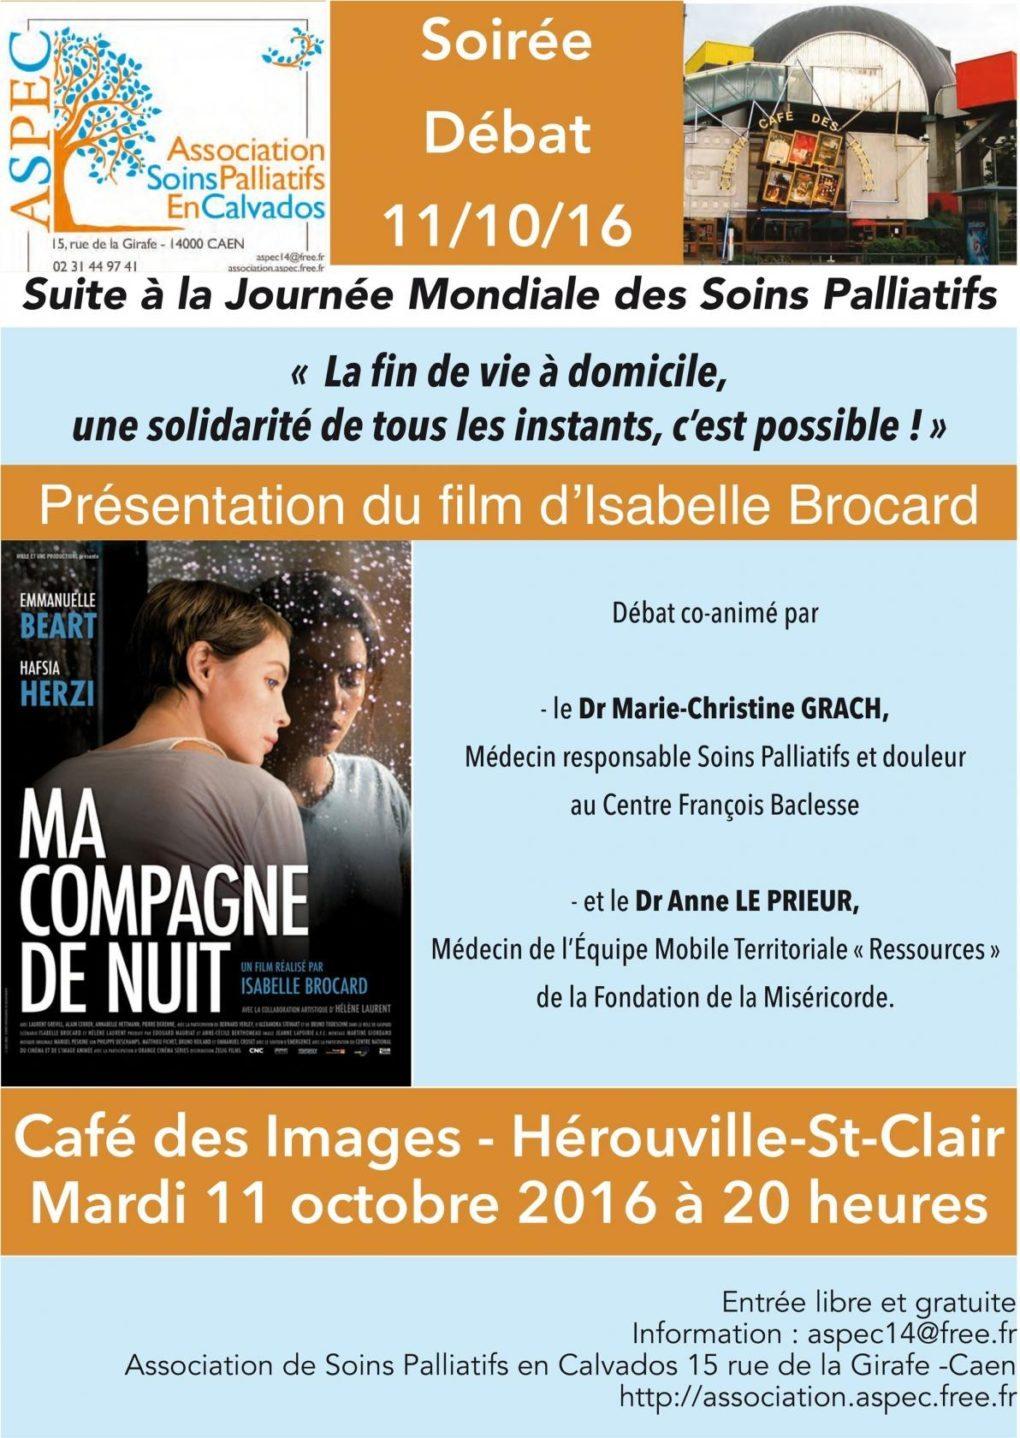 Cinéma Hérouville-Saint-Clair